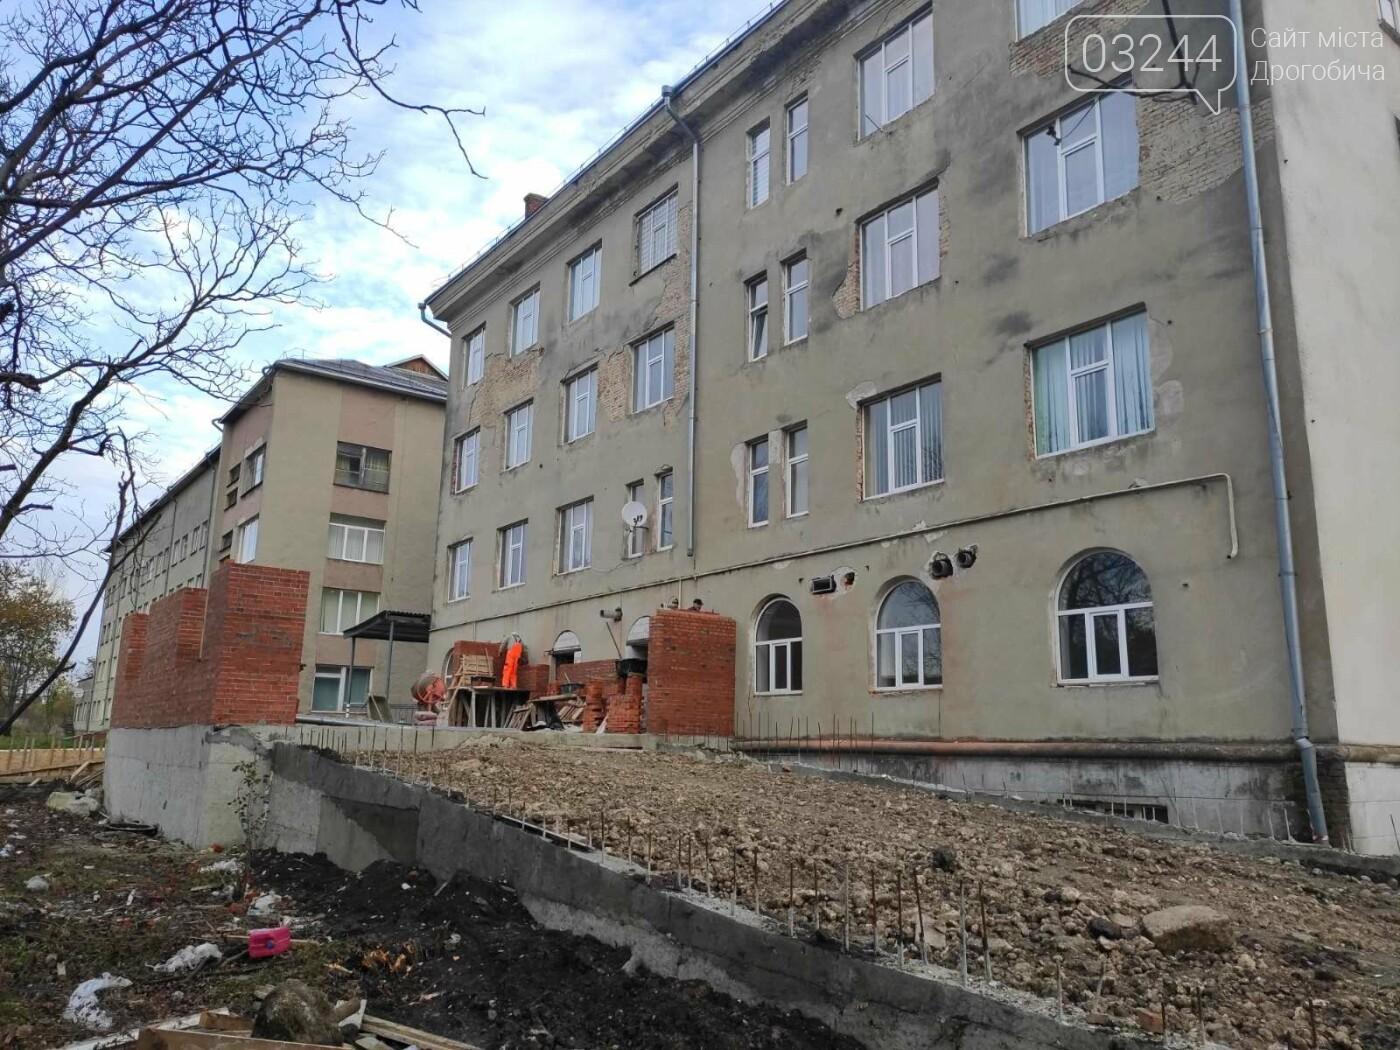 Дрогобицька міська лікарня №1 оновлює  приймальне відділення  – стартував капремонт приміщення  , фото-11